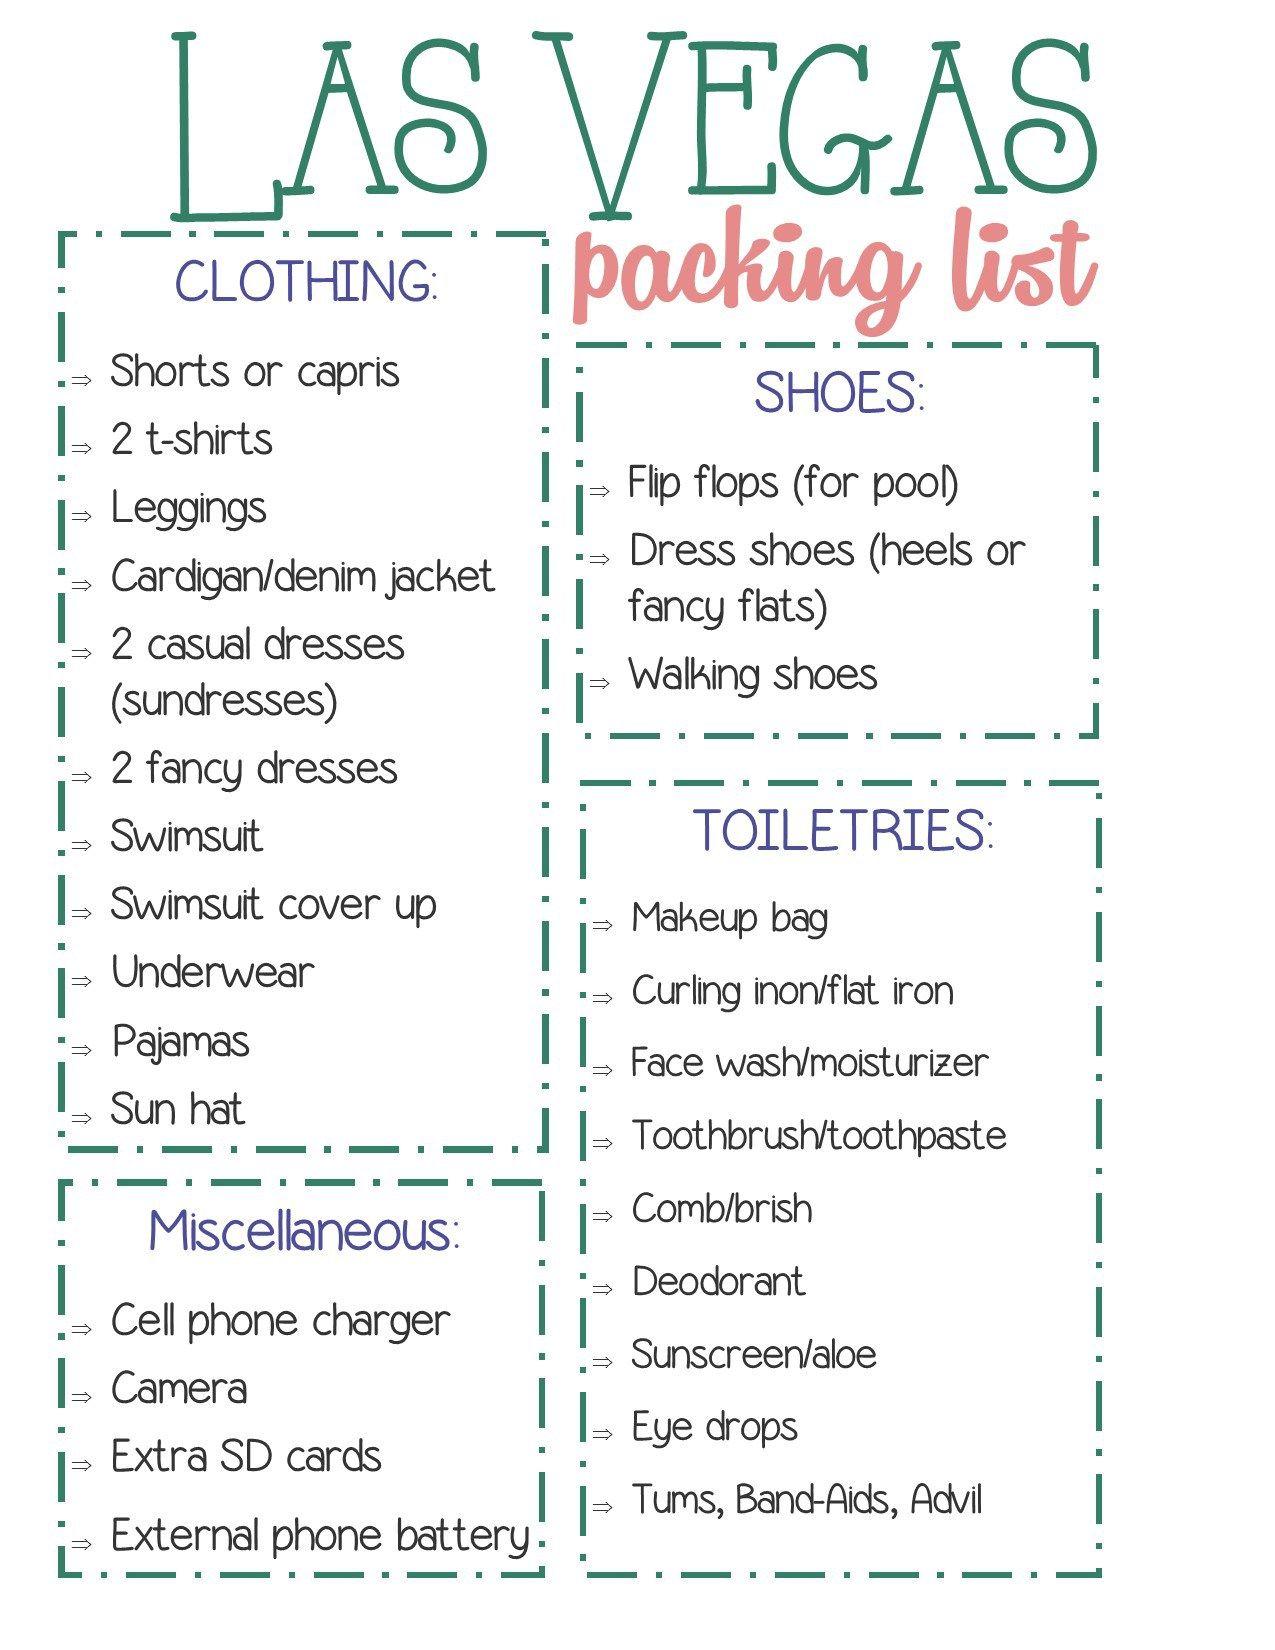 Las-Vegas-Packing-List.jpg?resize=232%2C